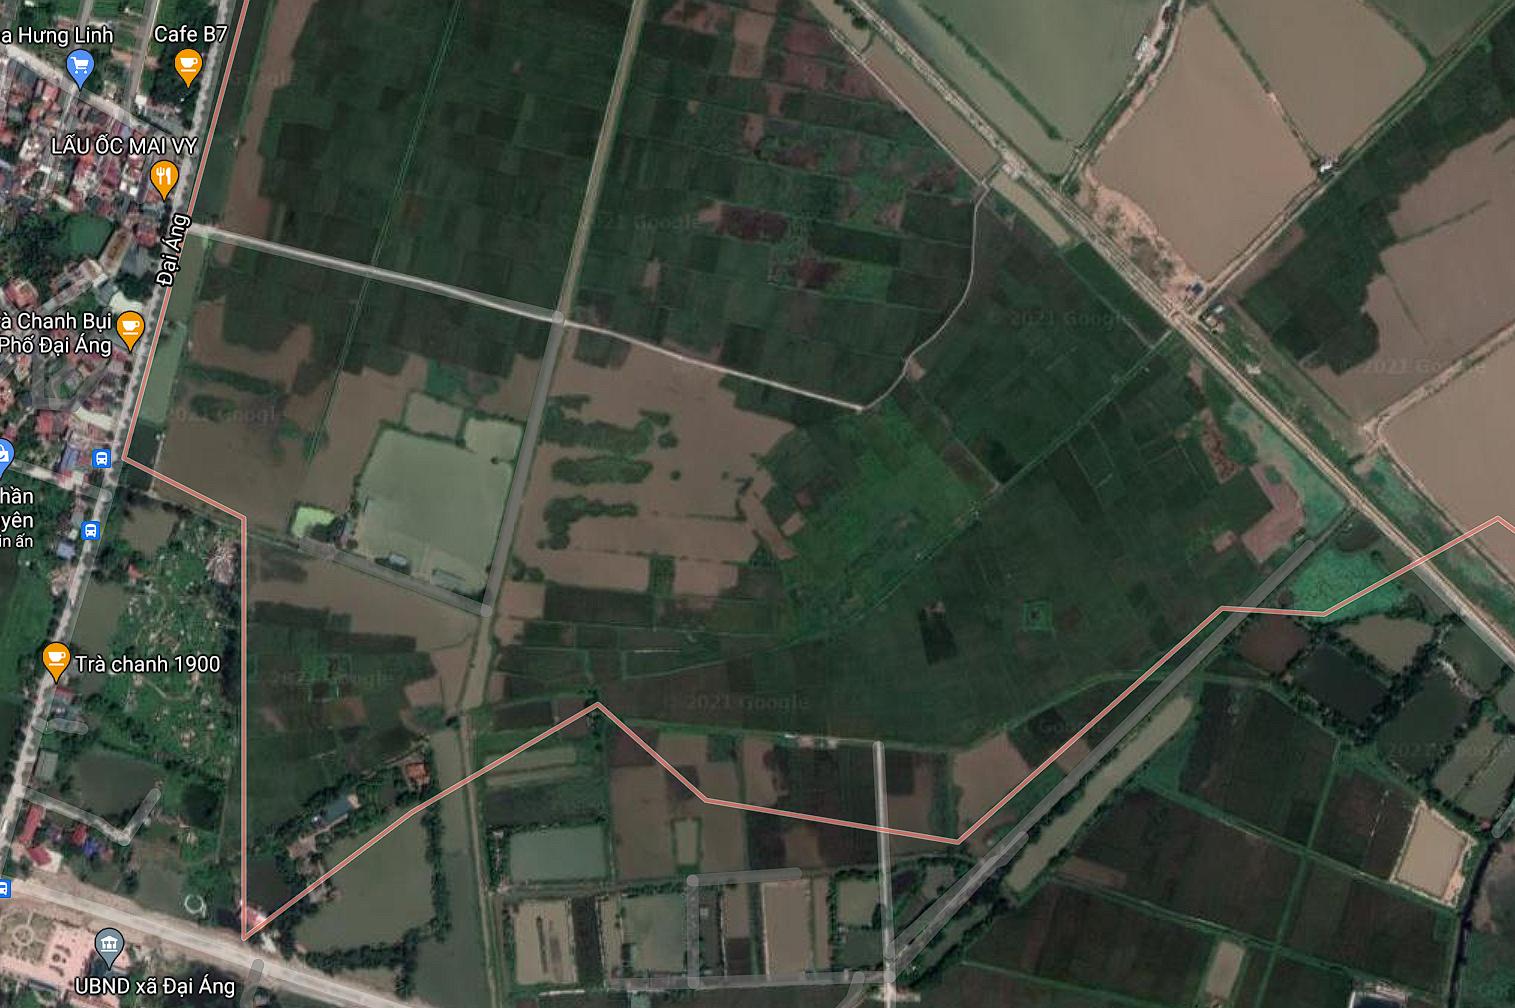 Đất dính quy hoạch ở xã Ngọc Hồi, Thanh Trì, Hà Nội - Ảnh 2.